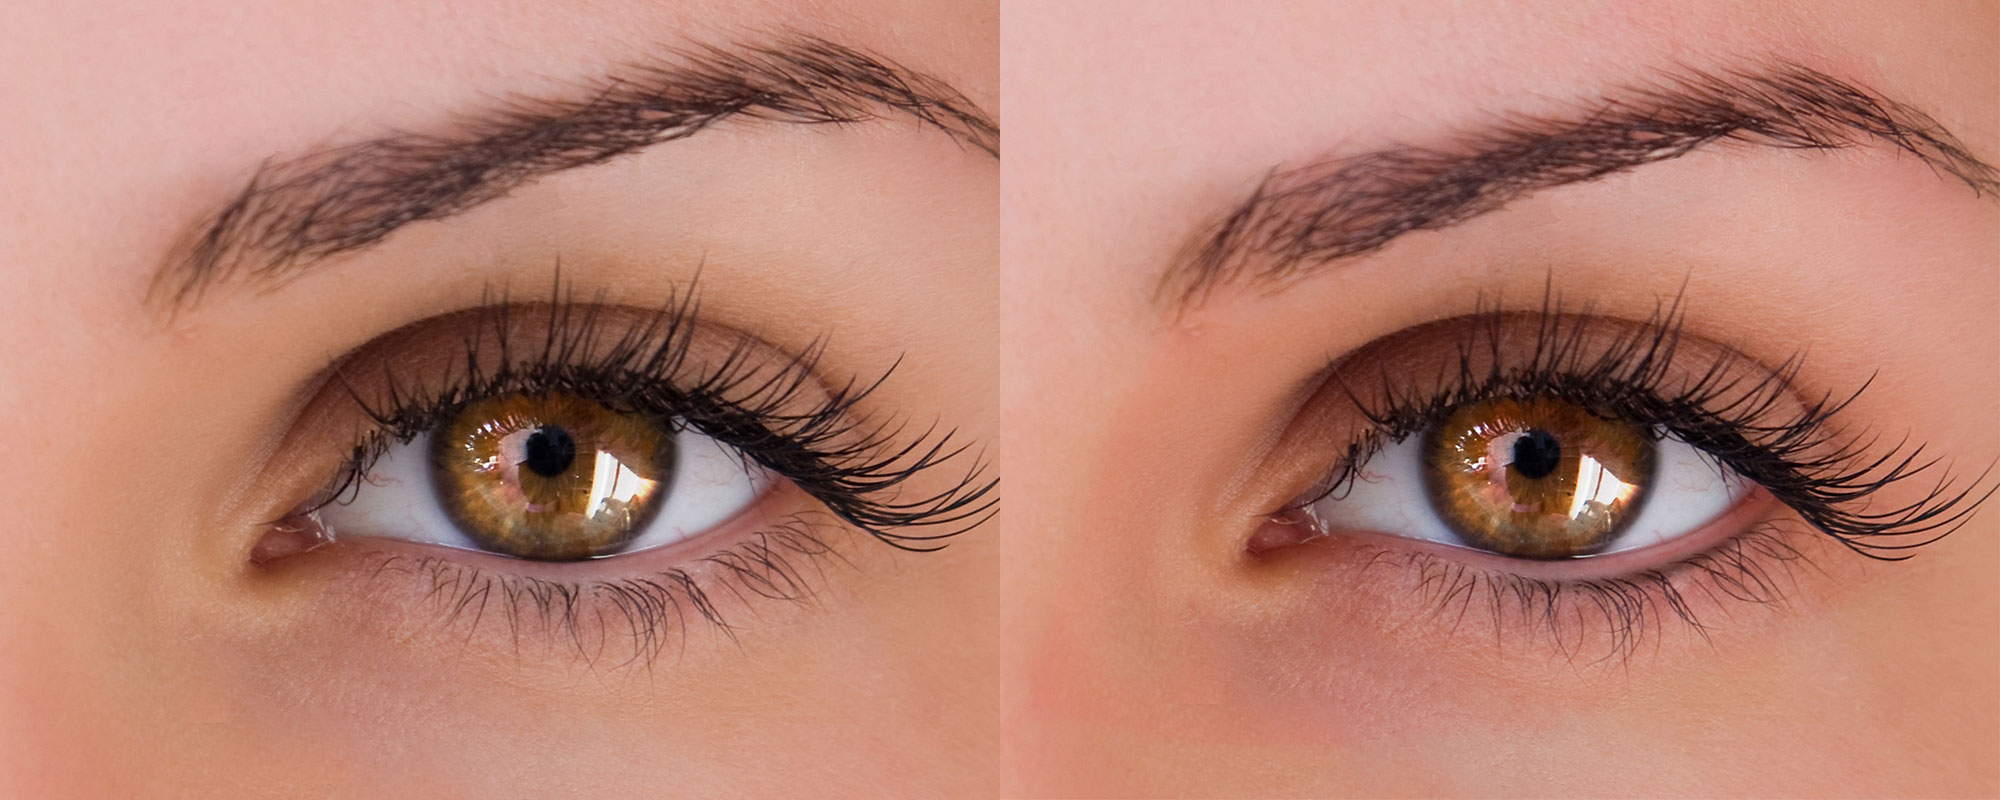 Maquillage permanent yeux avant-apres